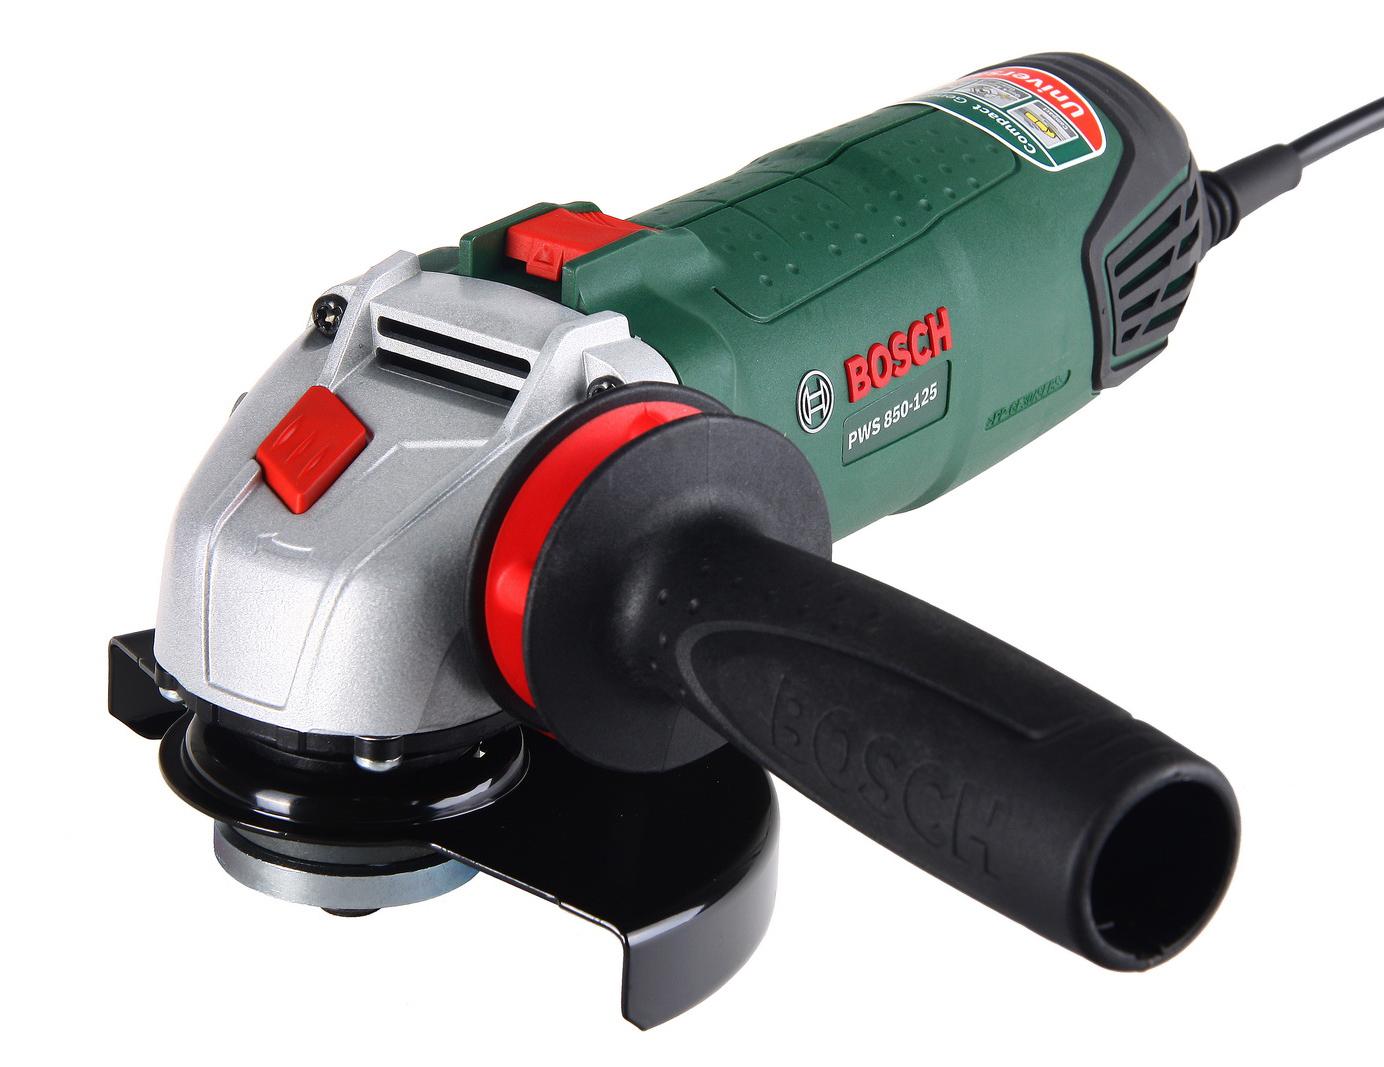 УШМ (болгарка) Bosch Pws 850-125 (0.603.3a2.720) bosch pws 850 125